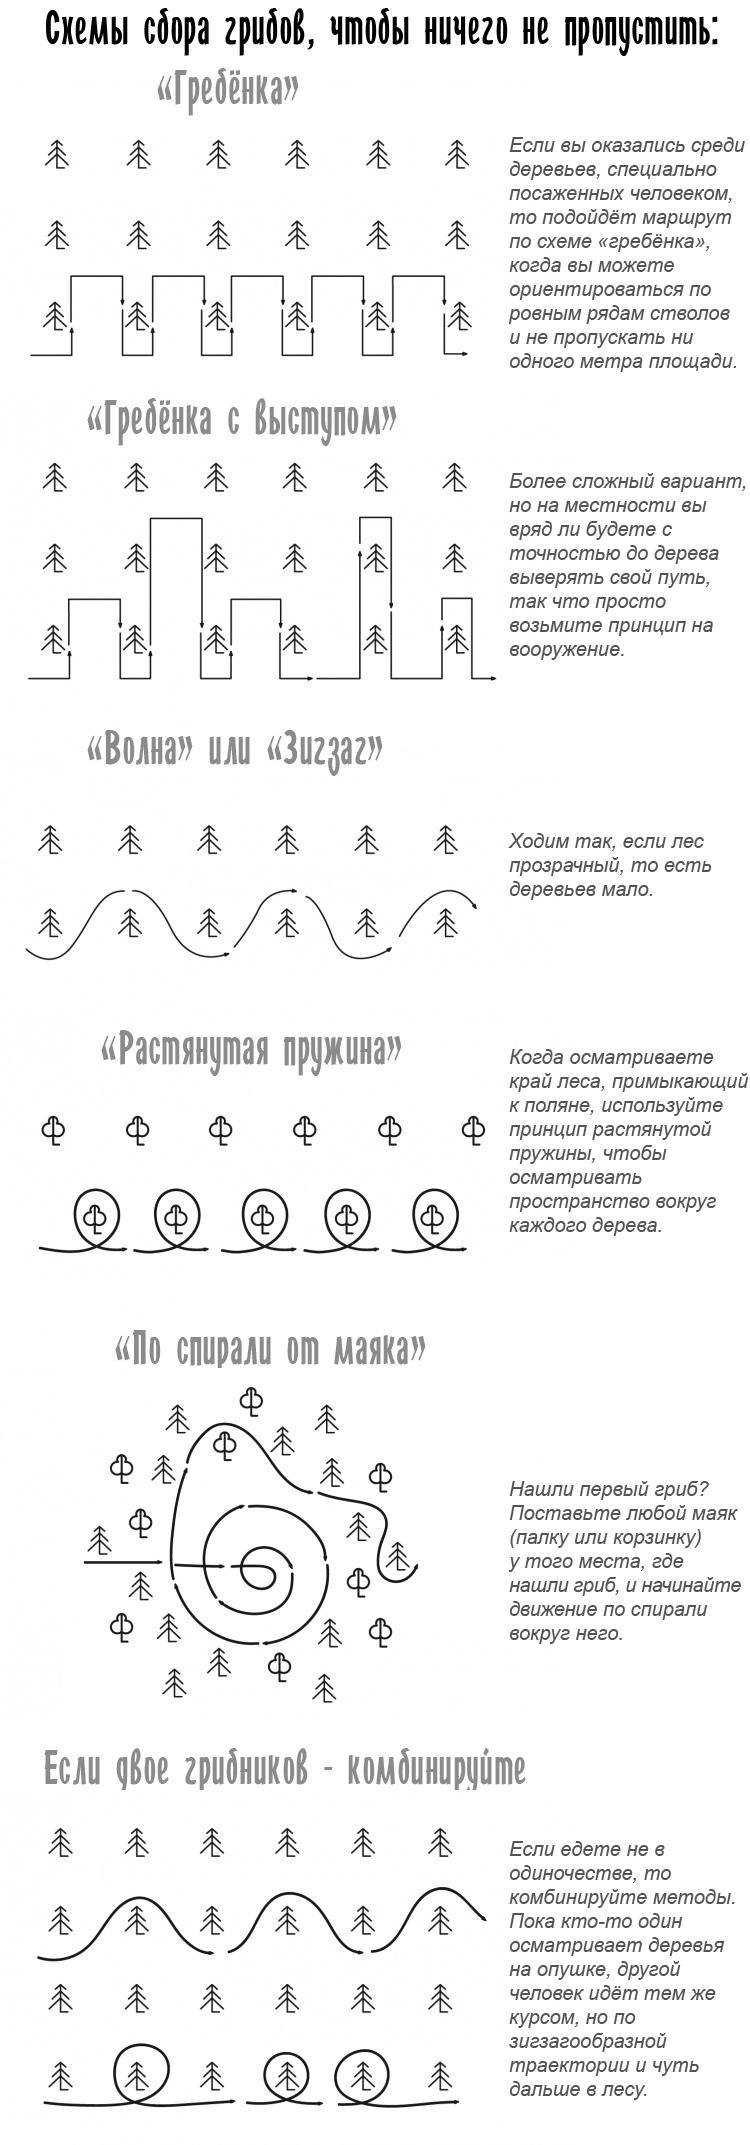 схема сбора грибов